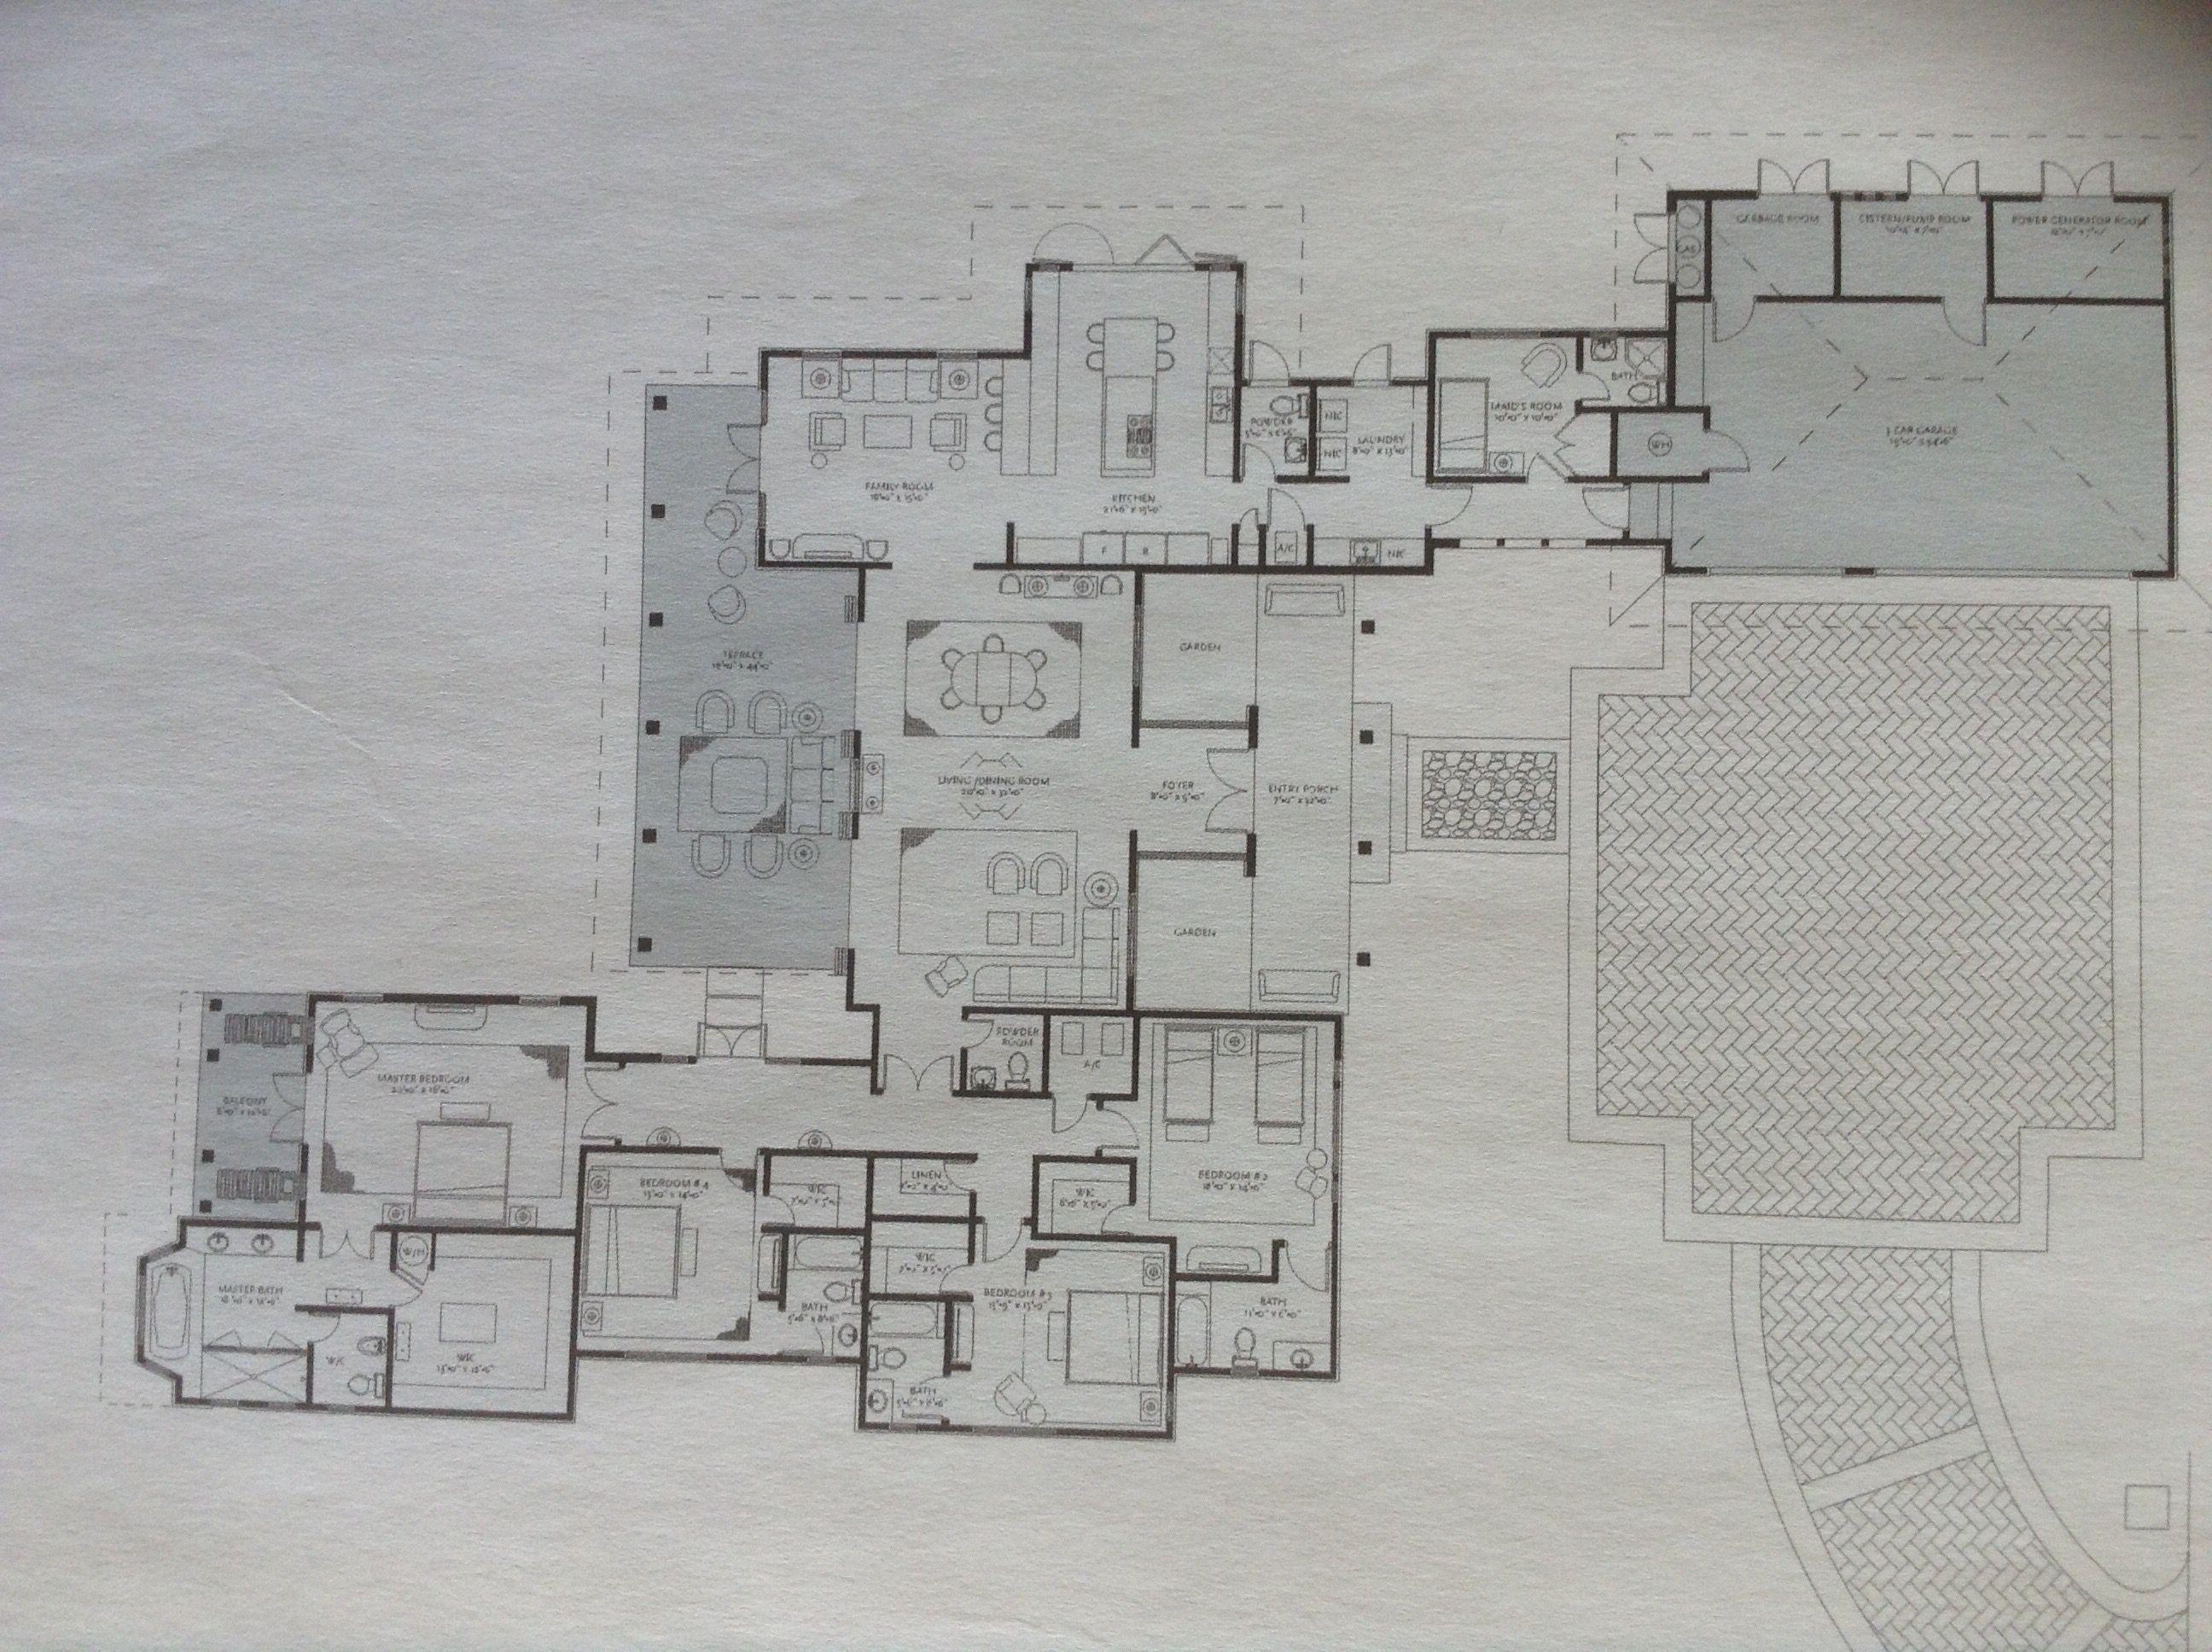 Las Estancias Estates Carmen Bahia Beach Puerto Rico Floor Plans House Plans Site Plans